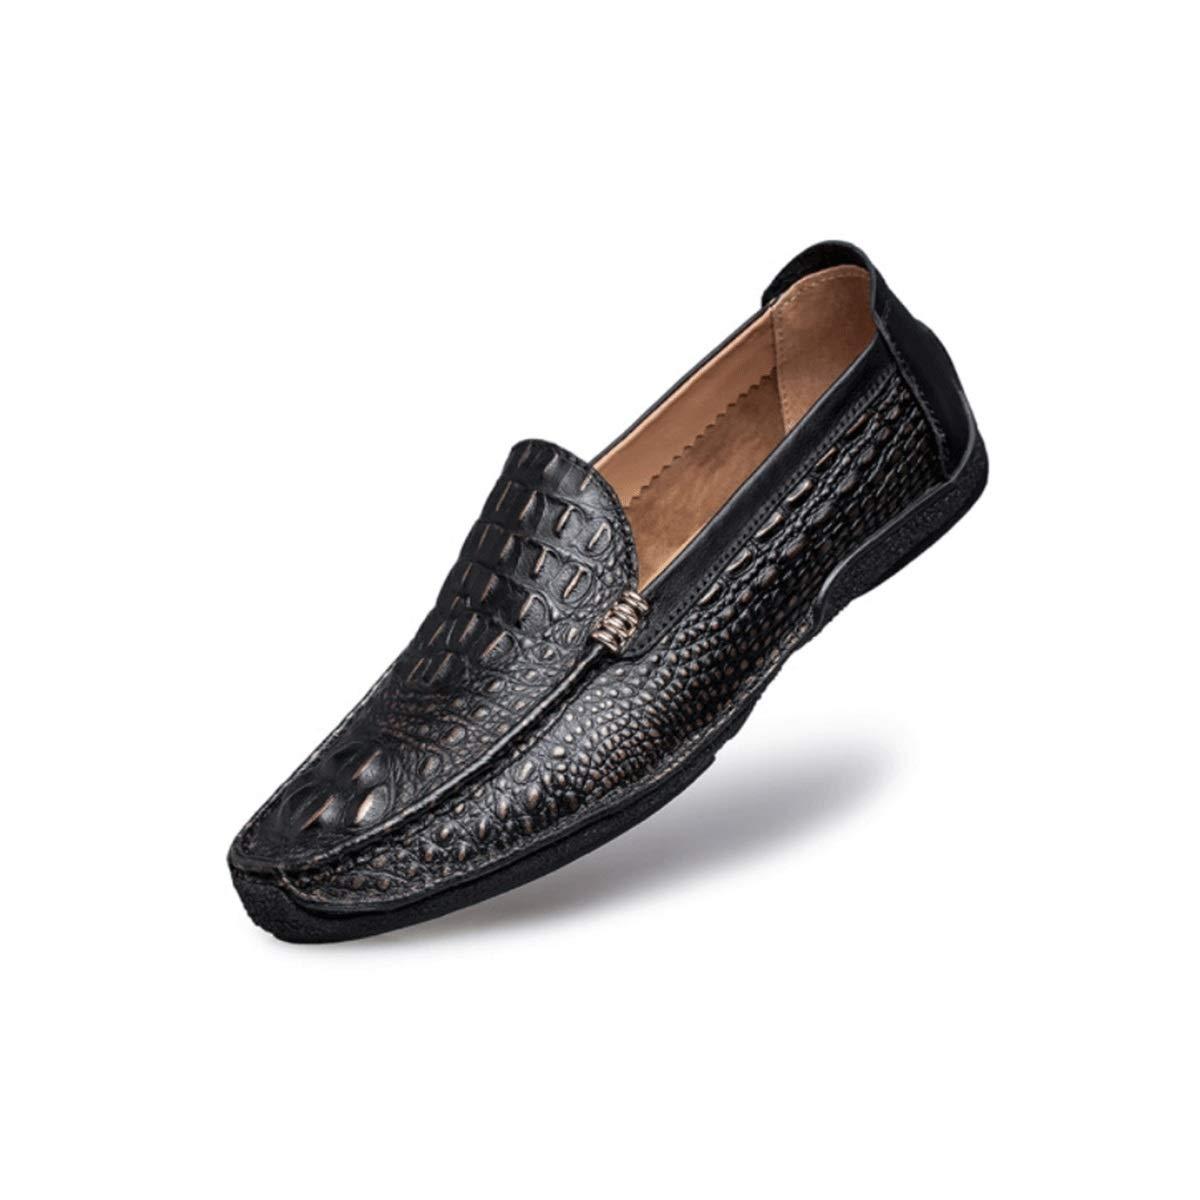 noir 44EU MUZIWENJU Chaussures de Sport for Hommes, Chaussures de Conduite en Cuir à Surface Souple, Chaussures de Sport à Talons Plats, Chaussures de Sport Tout Confort en Cuir, (Trois Couleurs en Option)